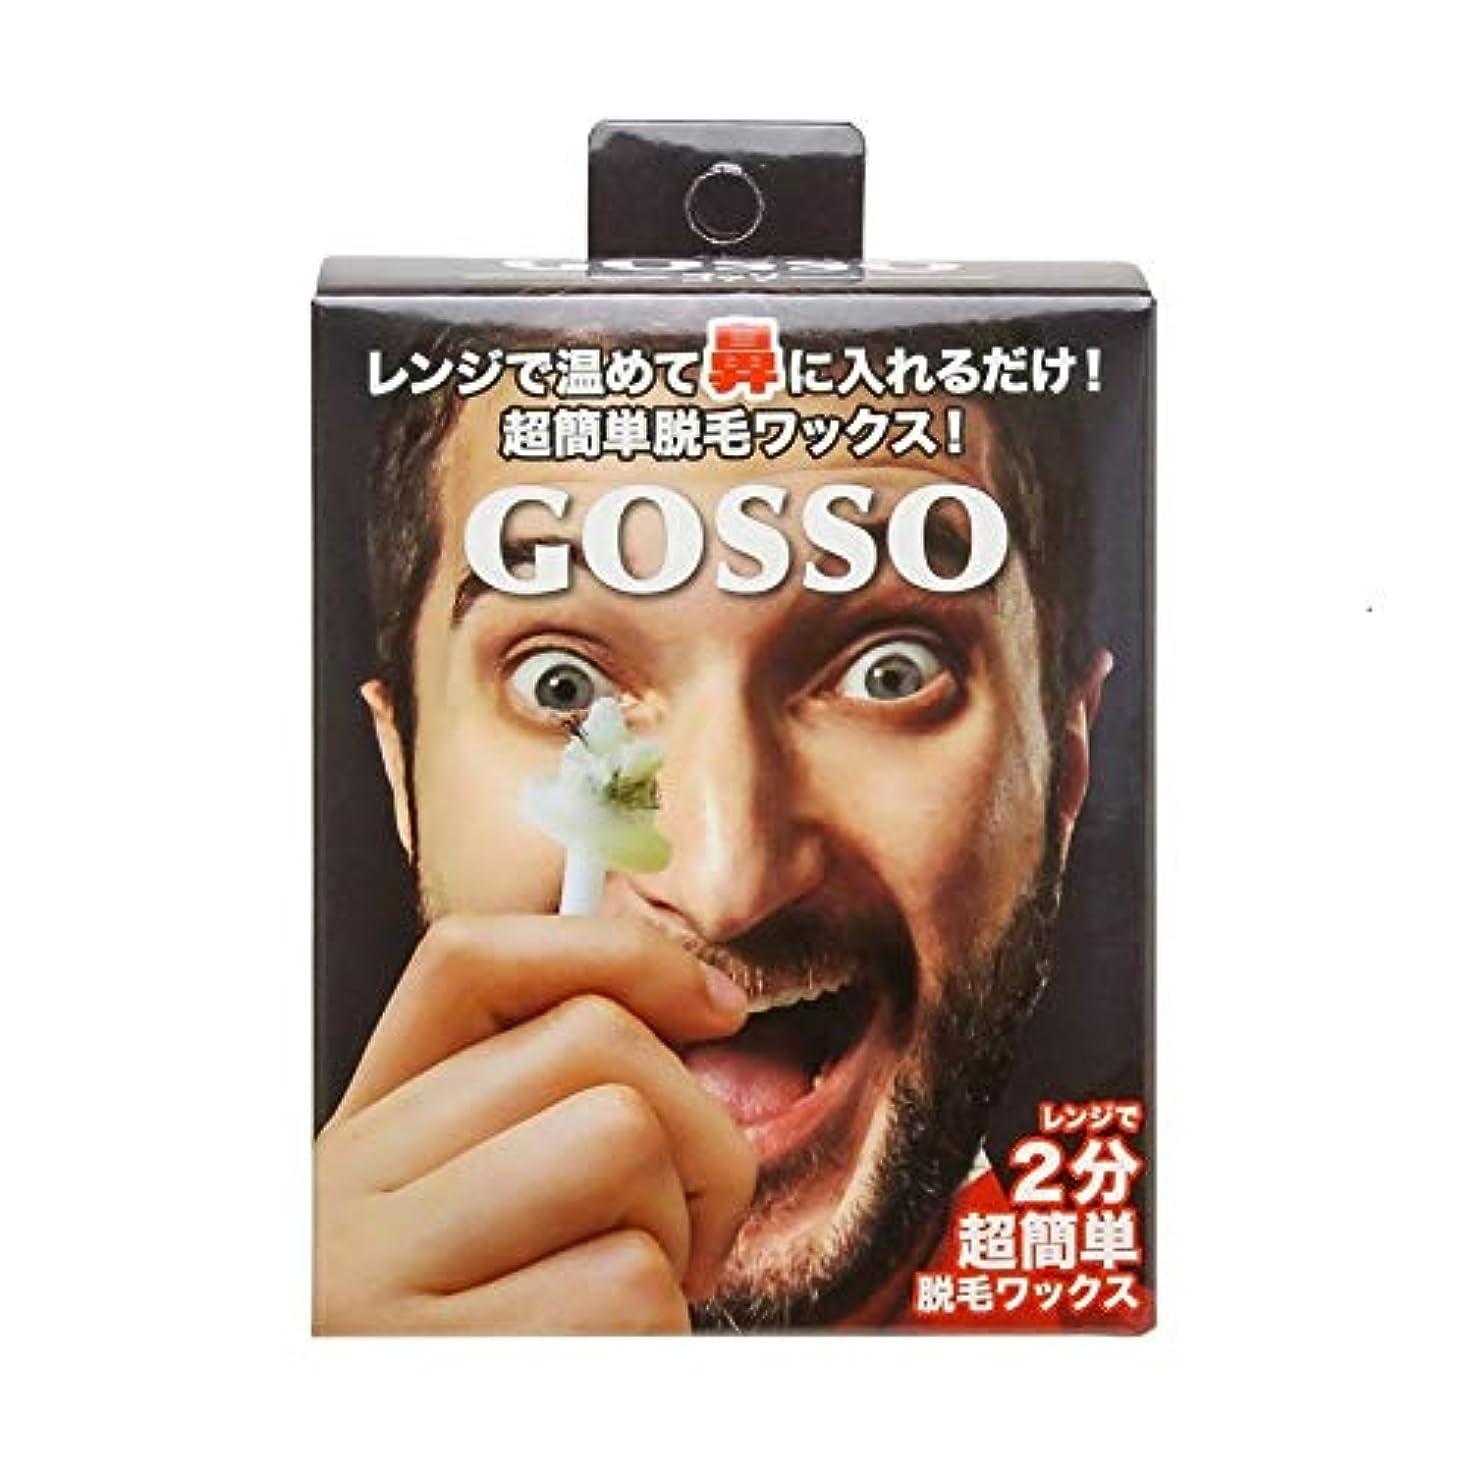 国内の締める将来のGOSSO ゴッソ (ブラジリアンワックス鼻毛脱毛セット)